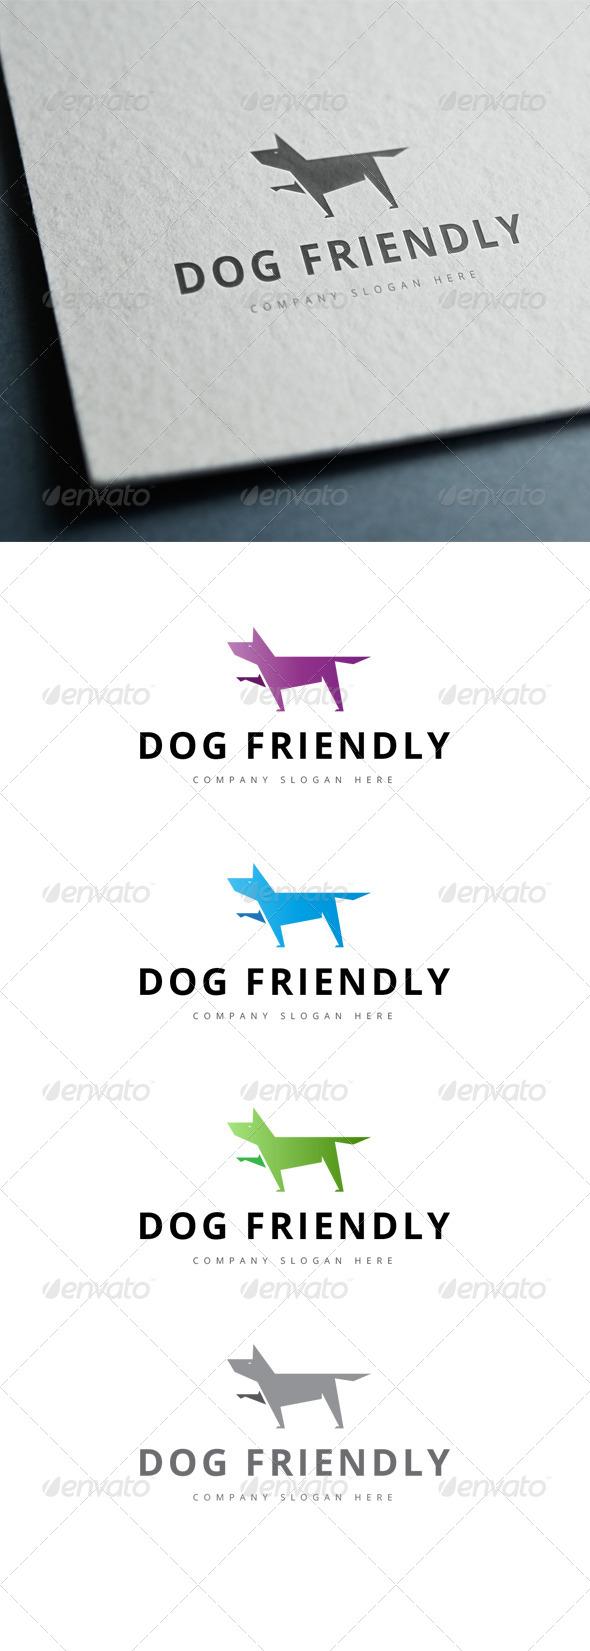 GraphicRiver Dog Friendly Logo 7791962